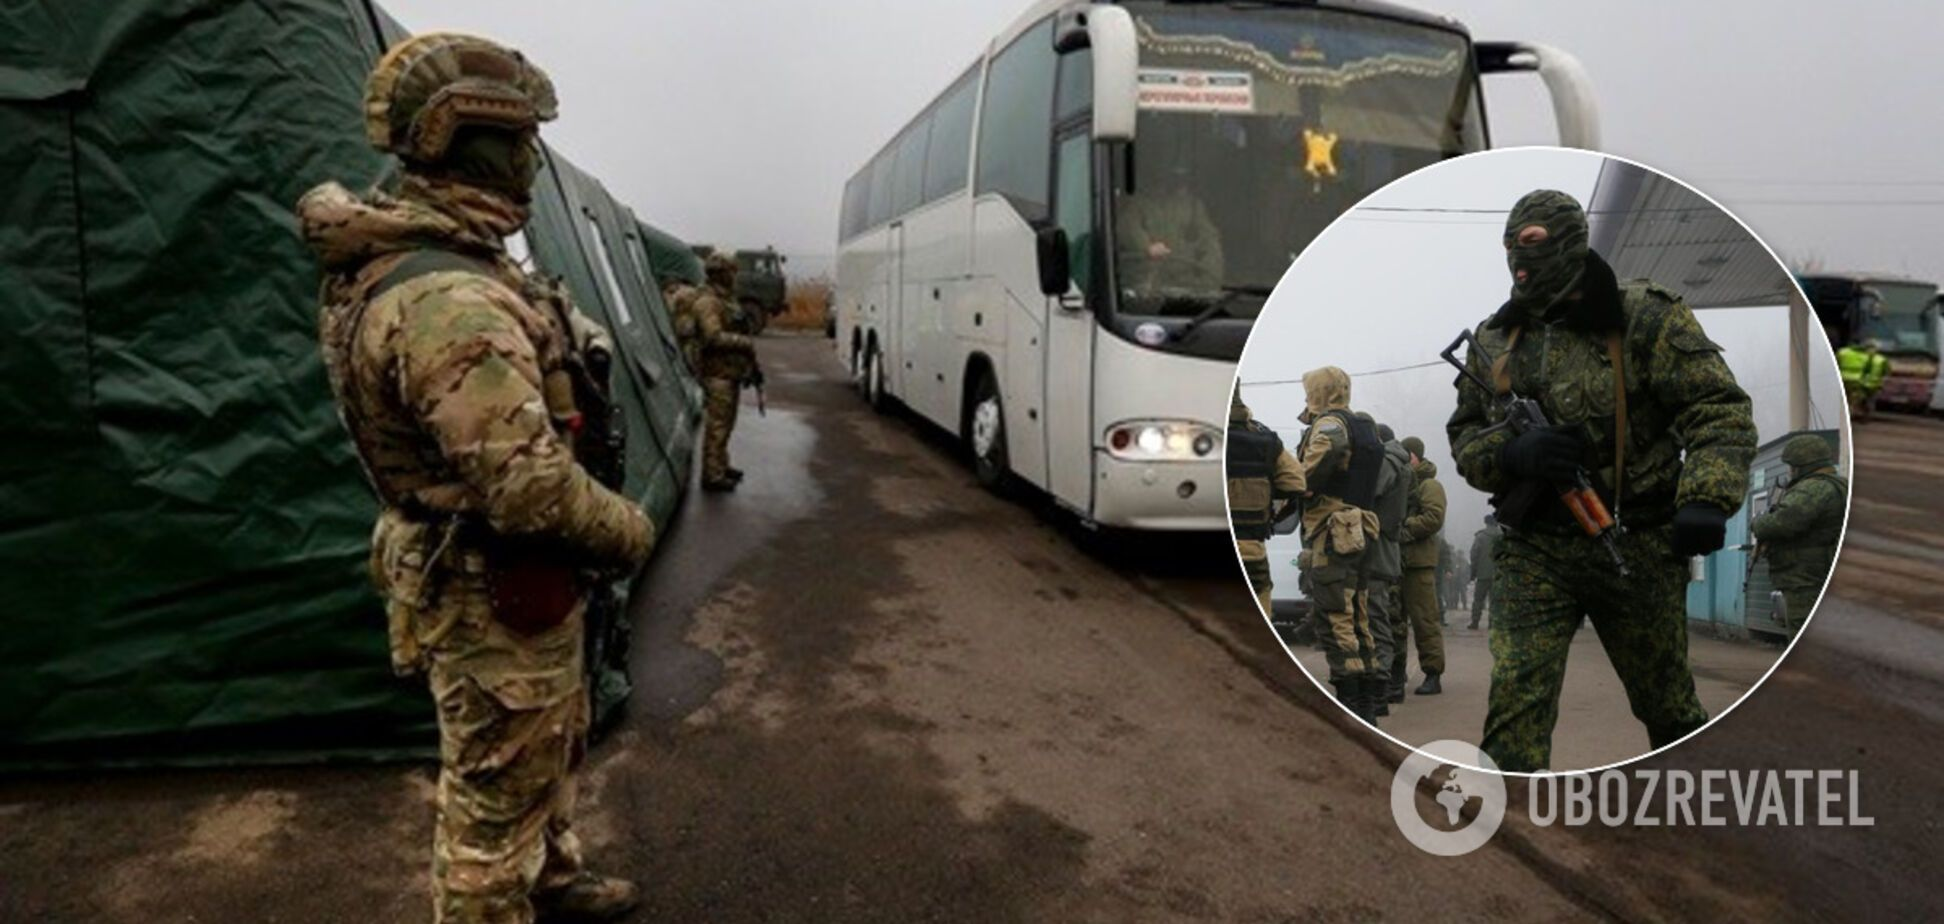 Обмен пленными: у Зеленского сделали важное заявление